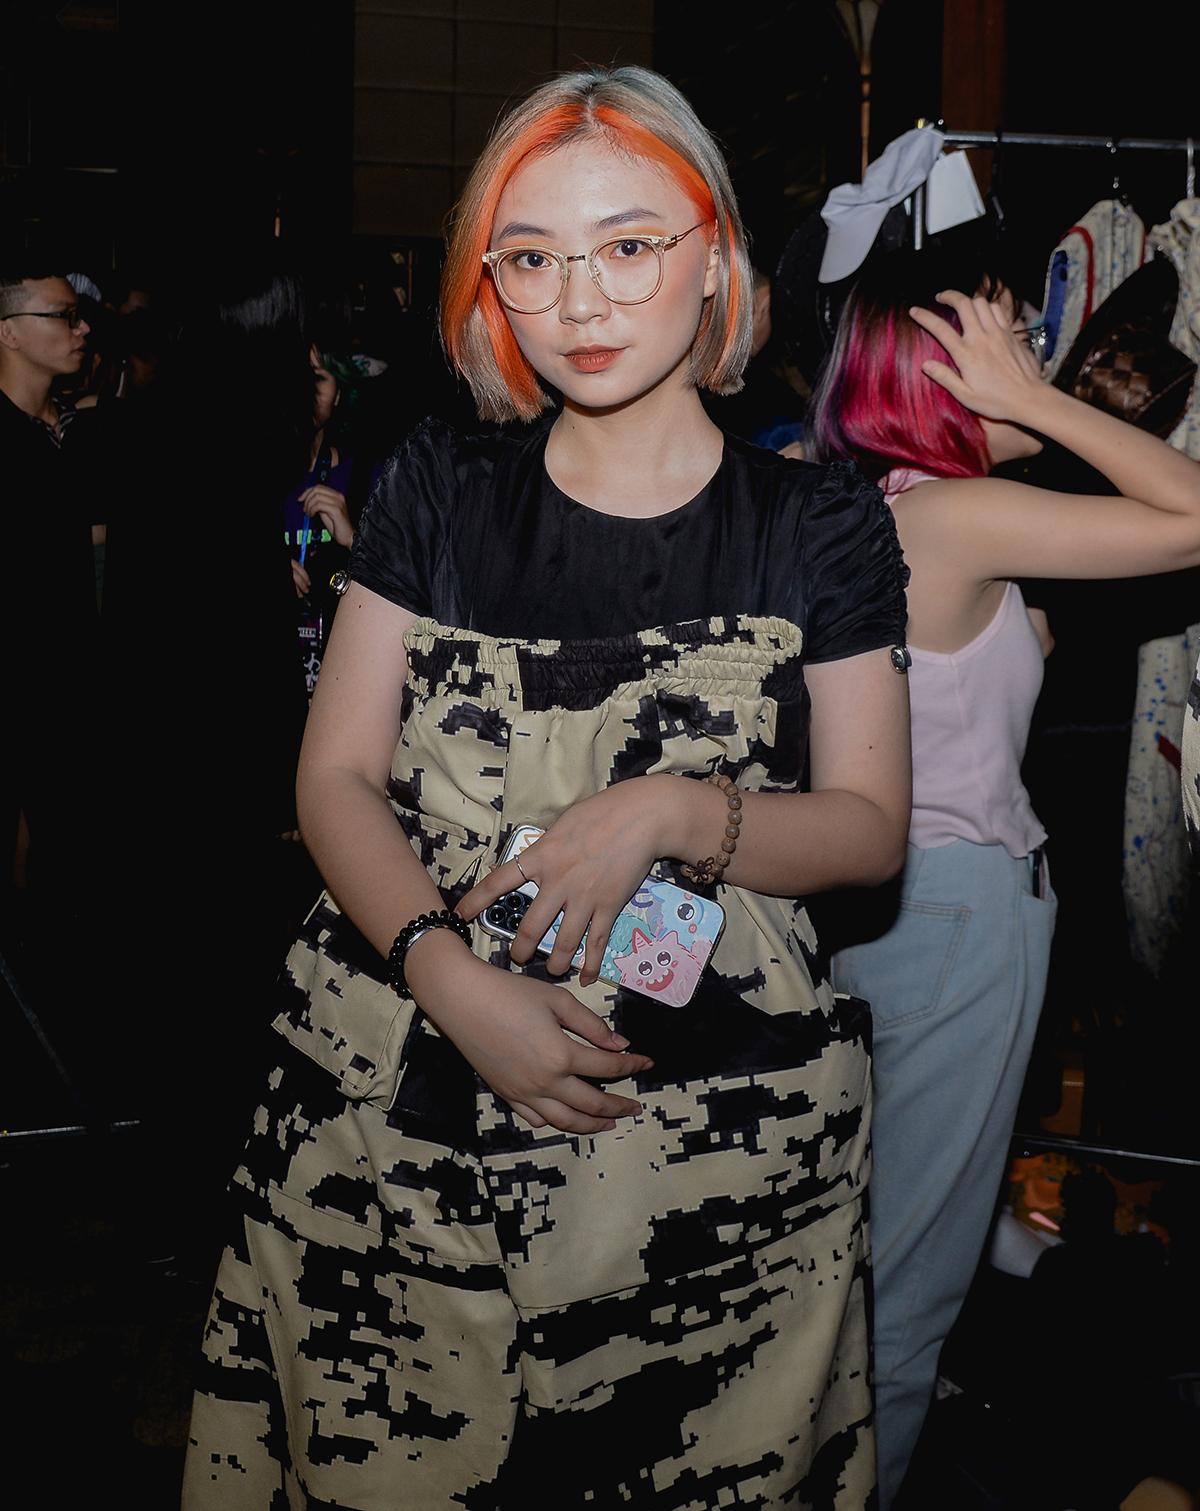 Chiếc váy bao tải giúp cô bạn này khoe cá tính ăn mặc riêng biệt. Mái tóc phẩy light cam và lối trang điểm tông xuyệt tông cũng cho thấy sự đầu tư trong diện mạo của nữ sinh viên.